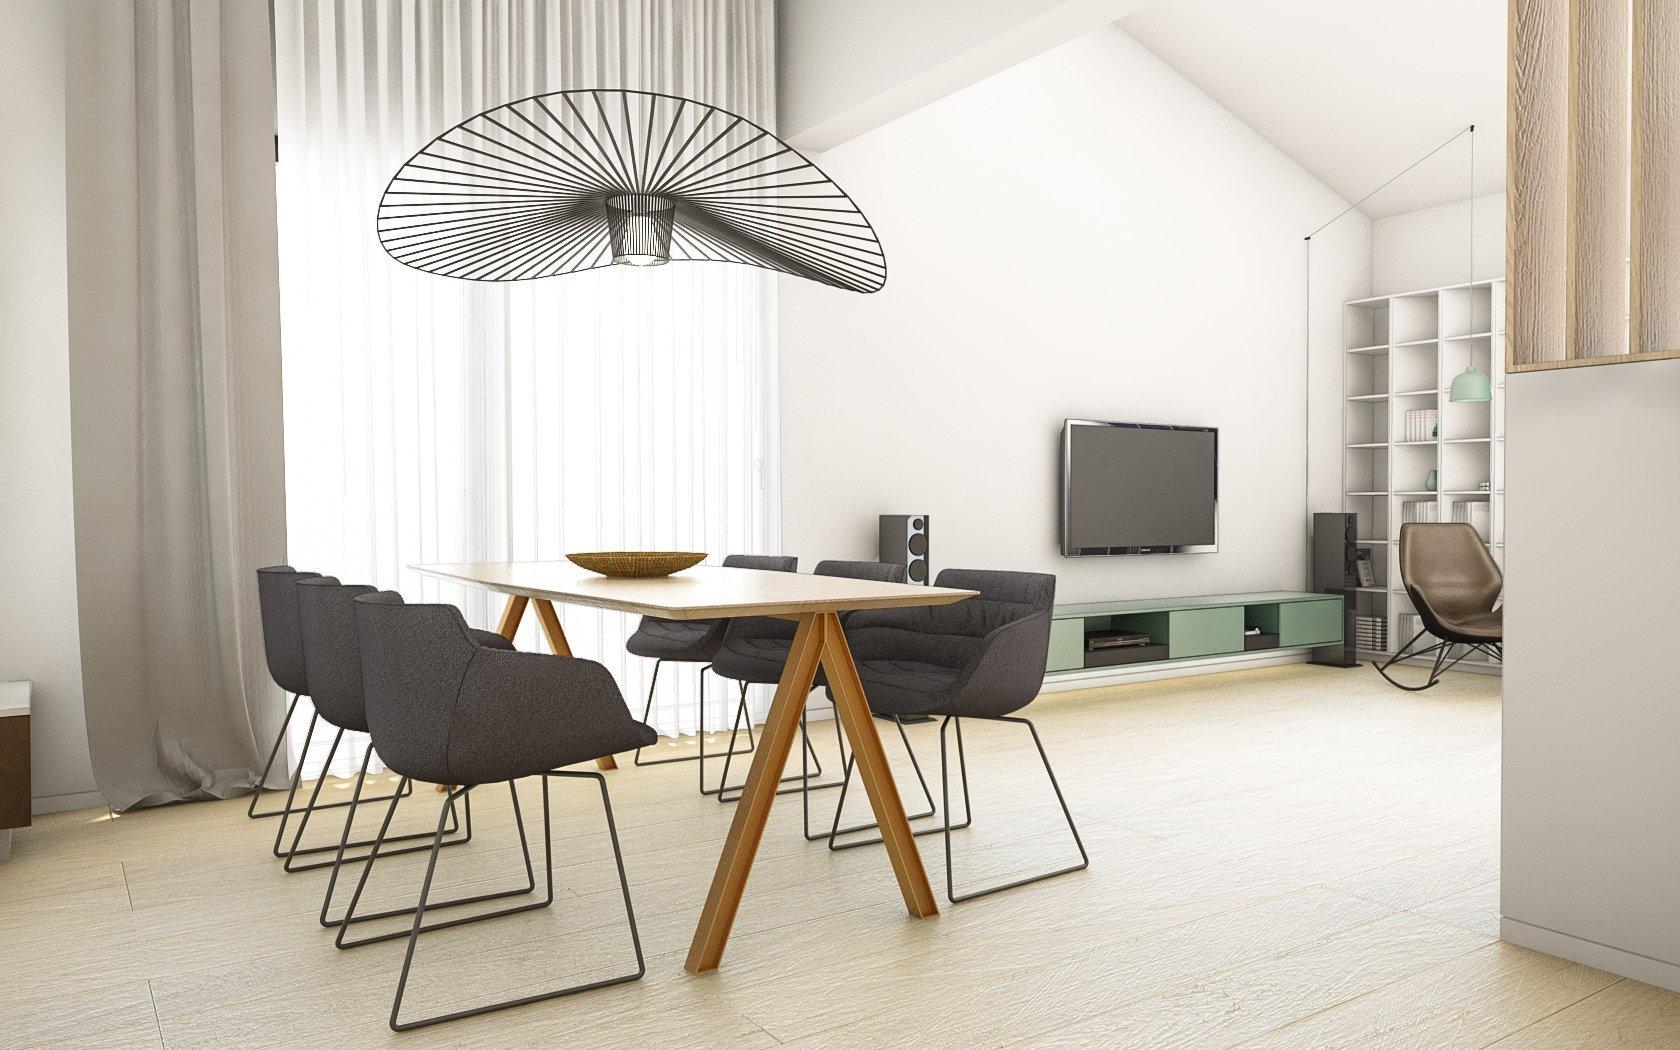 Svieži interiér v modernom štýle sme navrhli v prízemnej drevostavbe rodinného domu v Borinke.  Niekedy aj menšie zadanie prekvapí a zmení sa na veľmi…